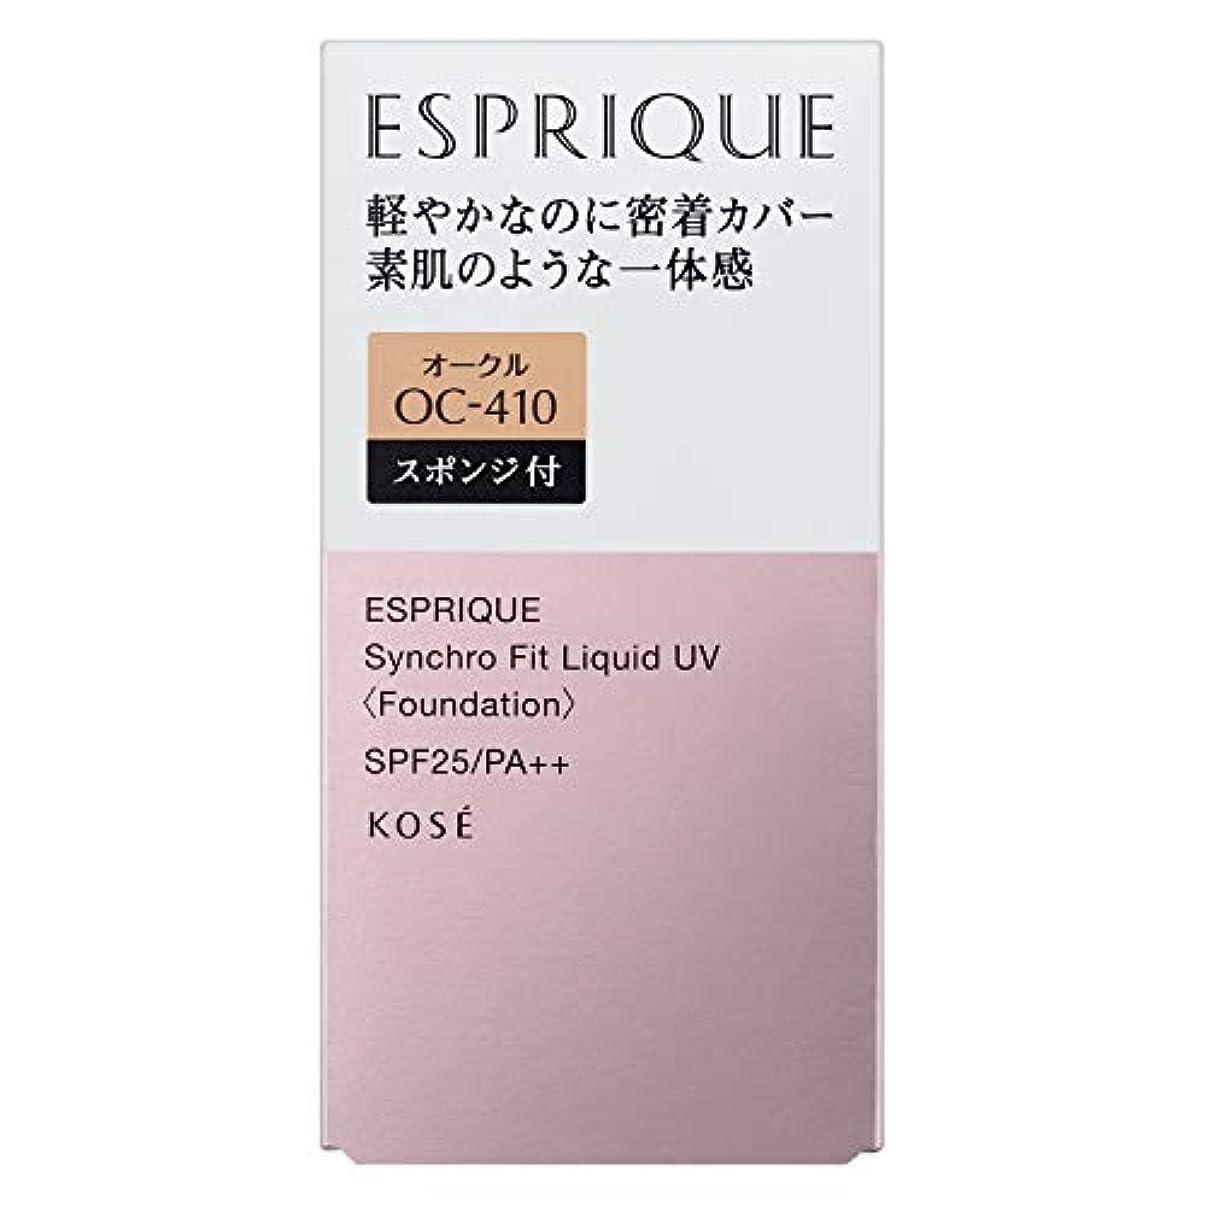 ウィスキー紳士バーマドESPRIQUE(エスプリーク) エスプリーク シンクロフィット リキッド UV ファンデーション 無香料 OC-410 オークル 30g